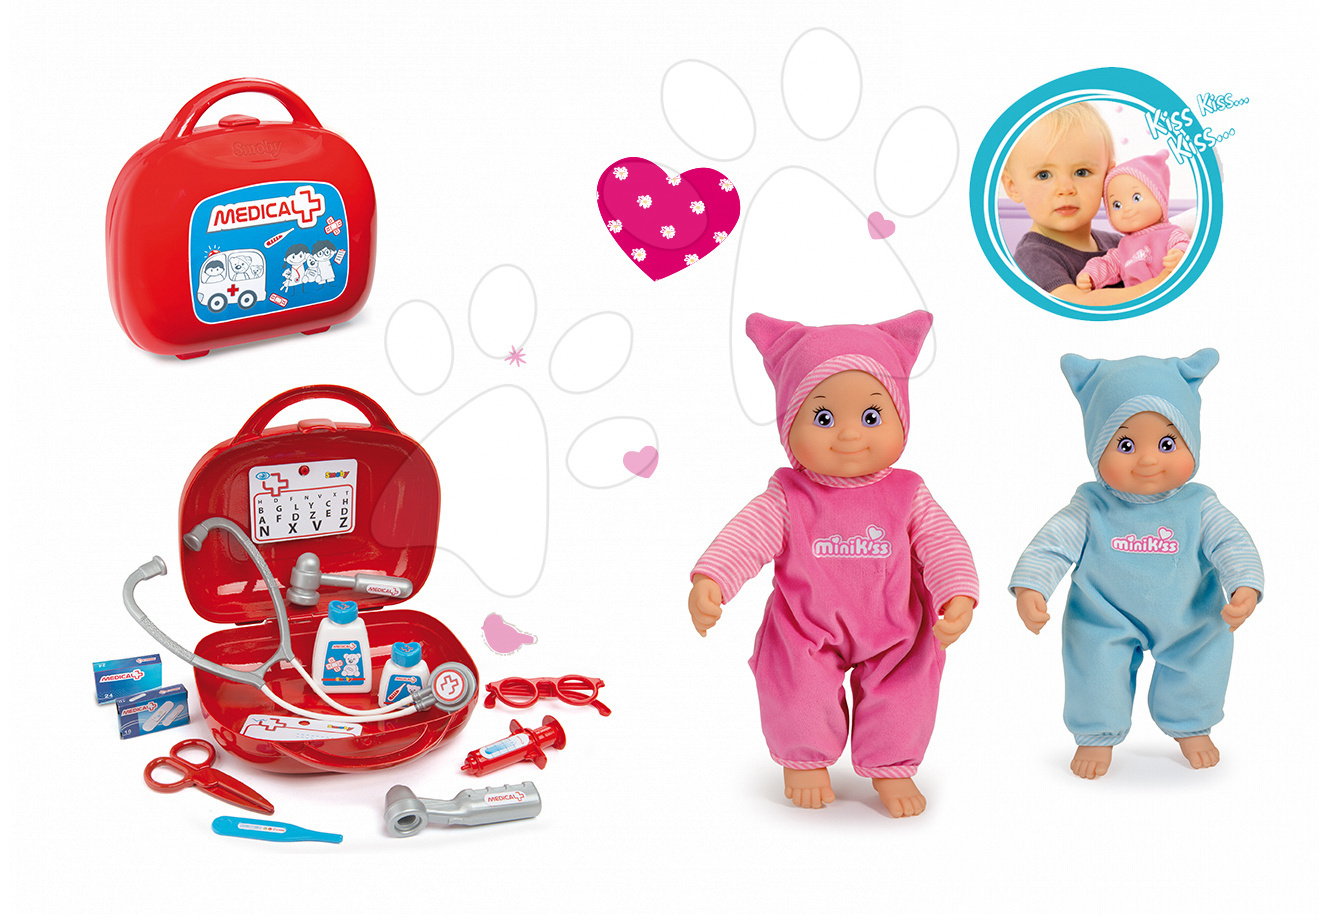 Set lékařský kufřík Smoby a panenka MiniKiss se zvukem v čepičce